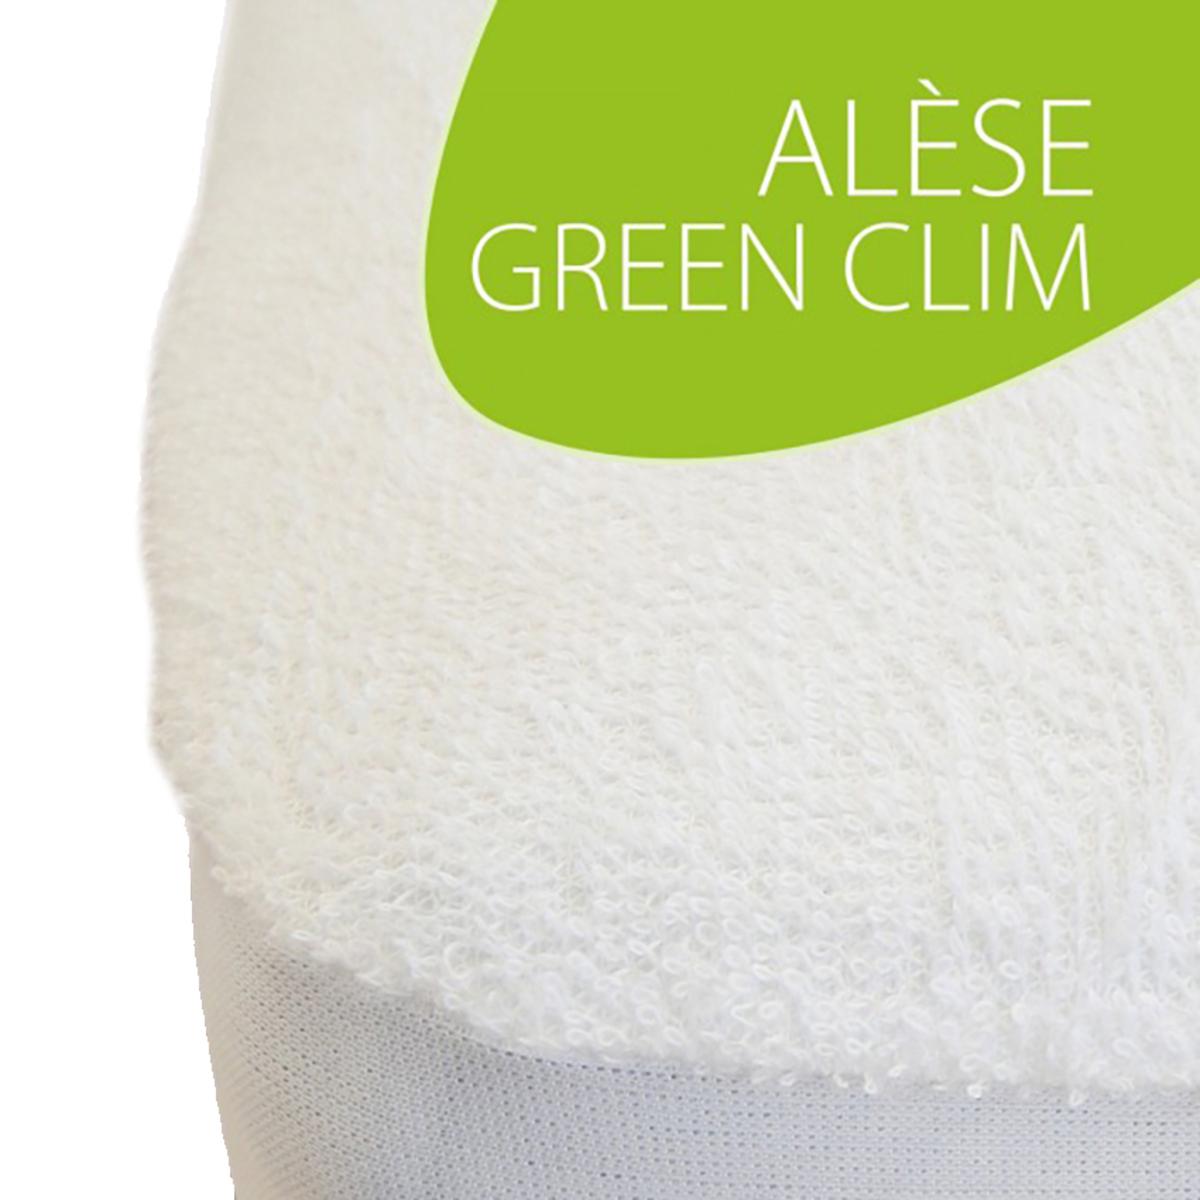 Linge de lit Alèse Green Clim - 70 x 140 cm Alèse Green Clim - 70 x 140 cm